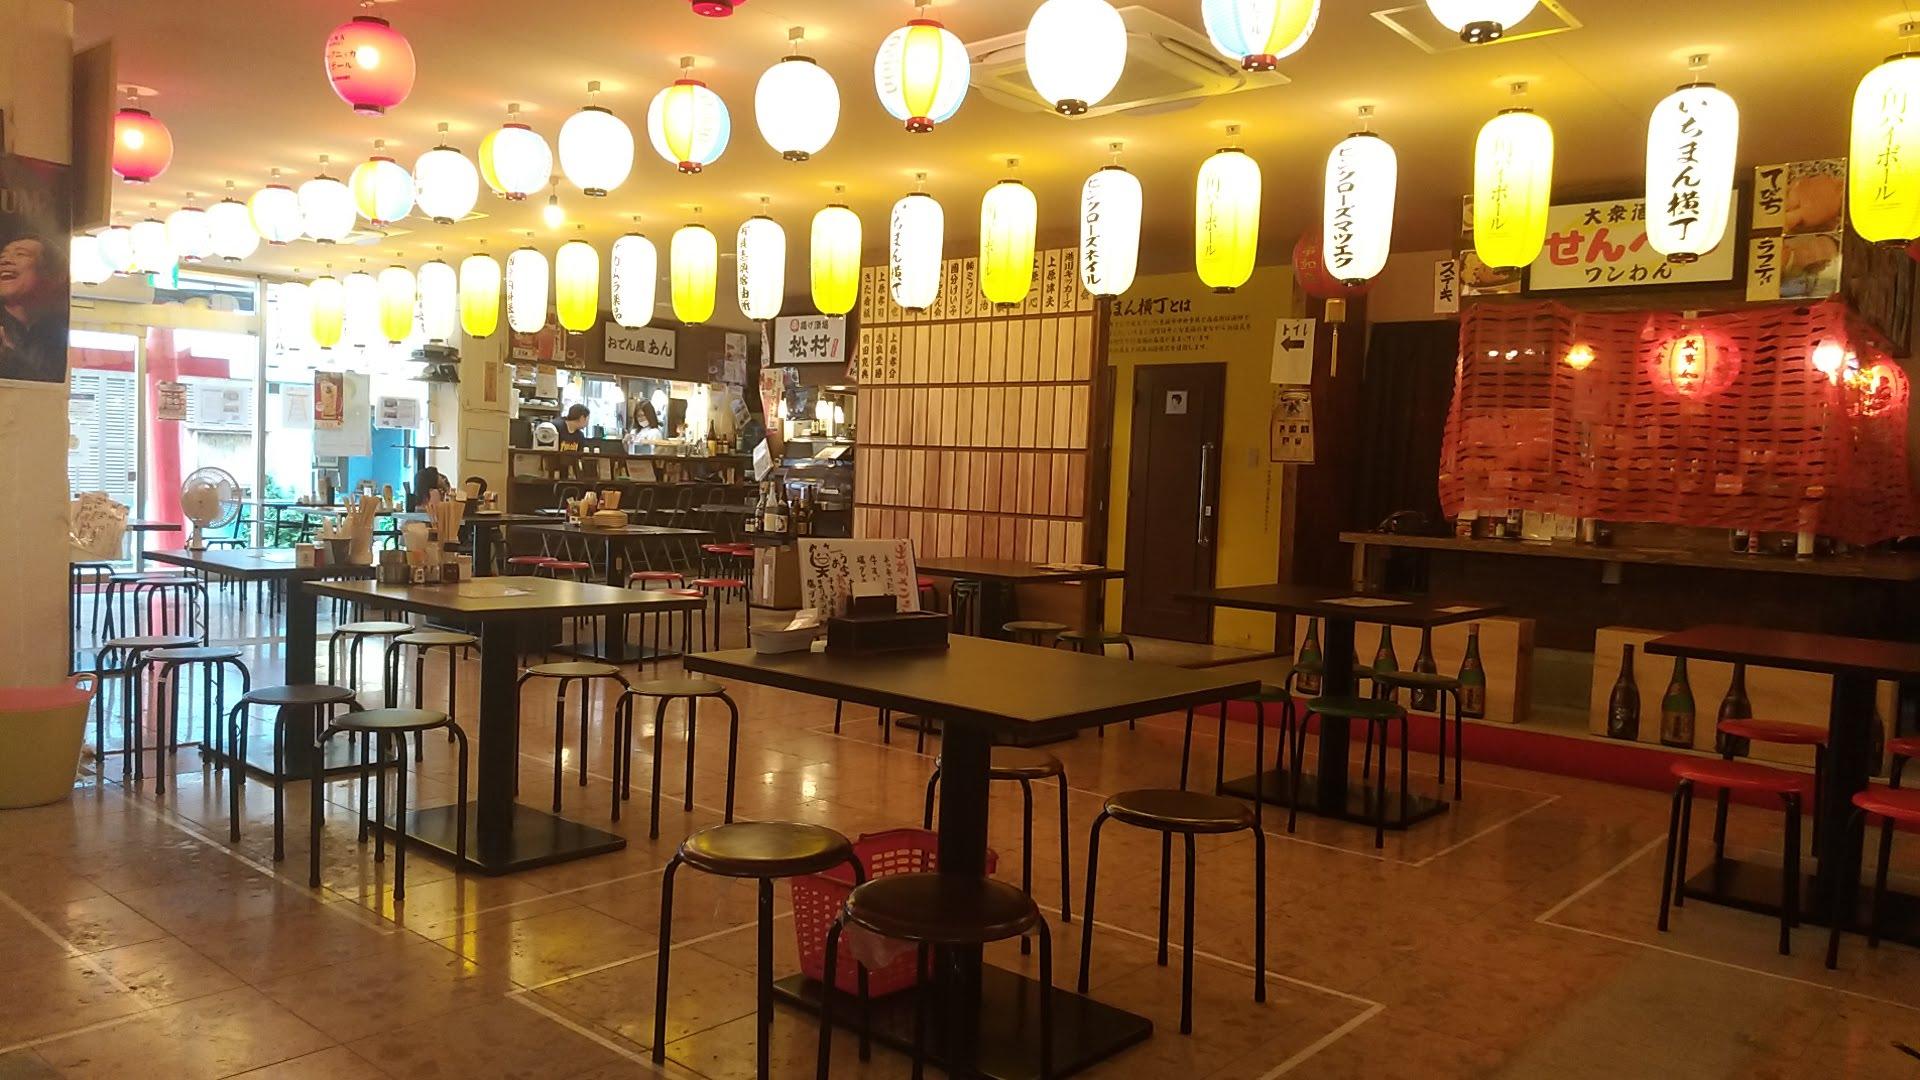 The Ichiman Yokochou interior